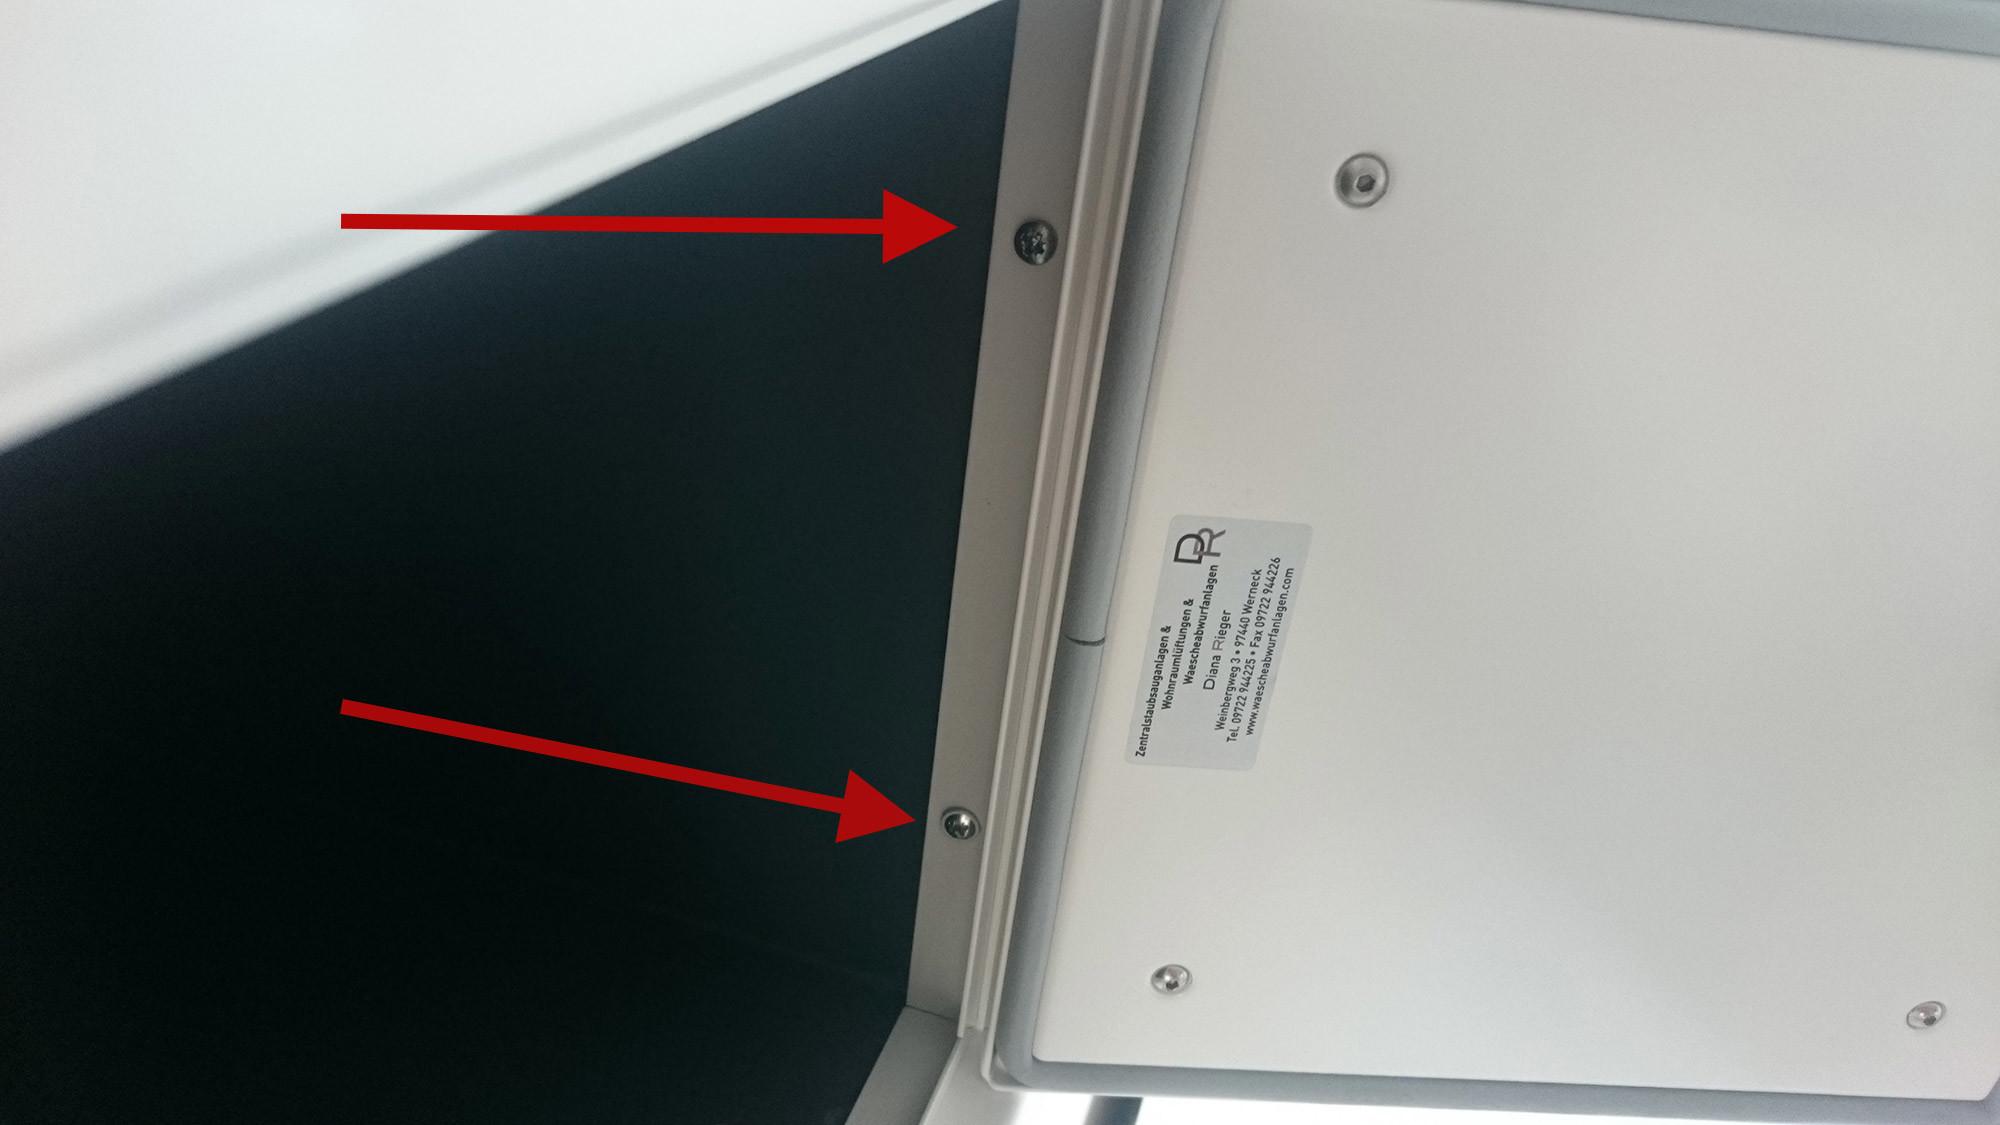 Wäscheschacht Klappe wäscheabwurf klappe verkleidung vom wäscheabwurfsystem und fazit